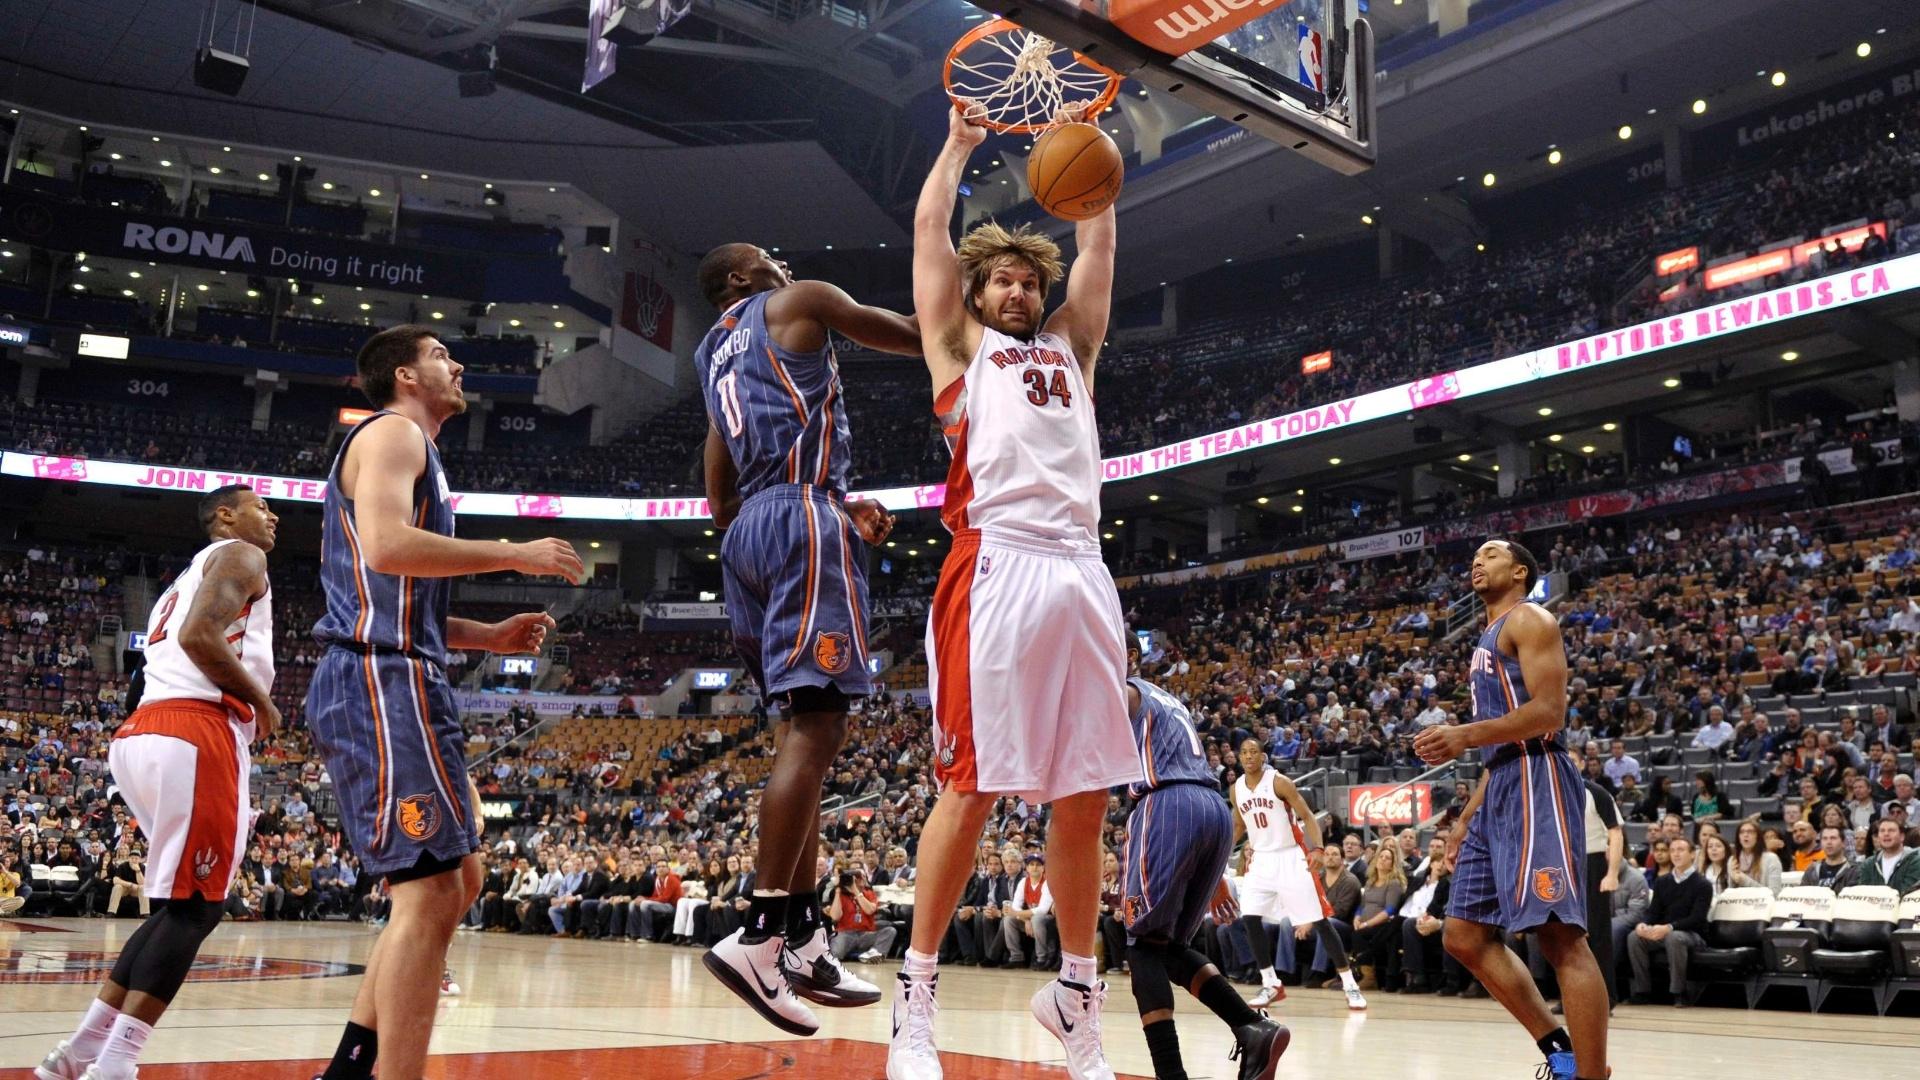 Aaron Gray converte enterrada para o Toronto Raptors em partida contra o Charlotte Bobcats (03/04/12)